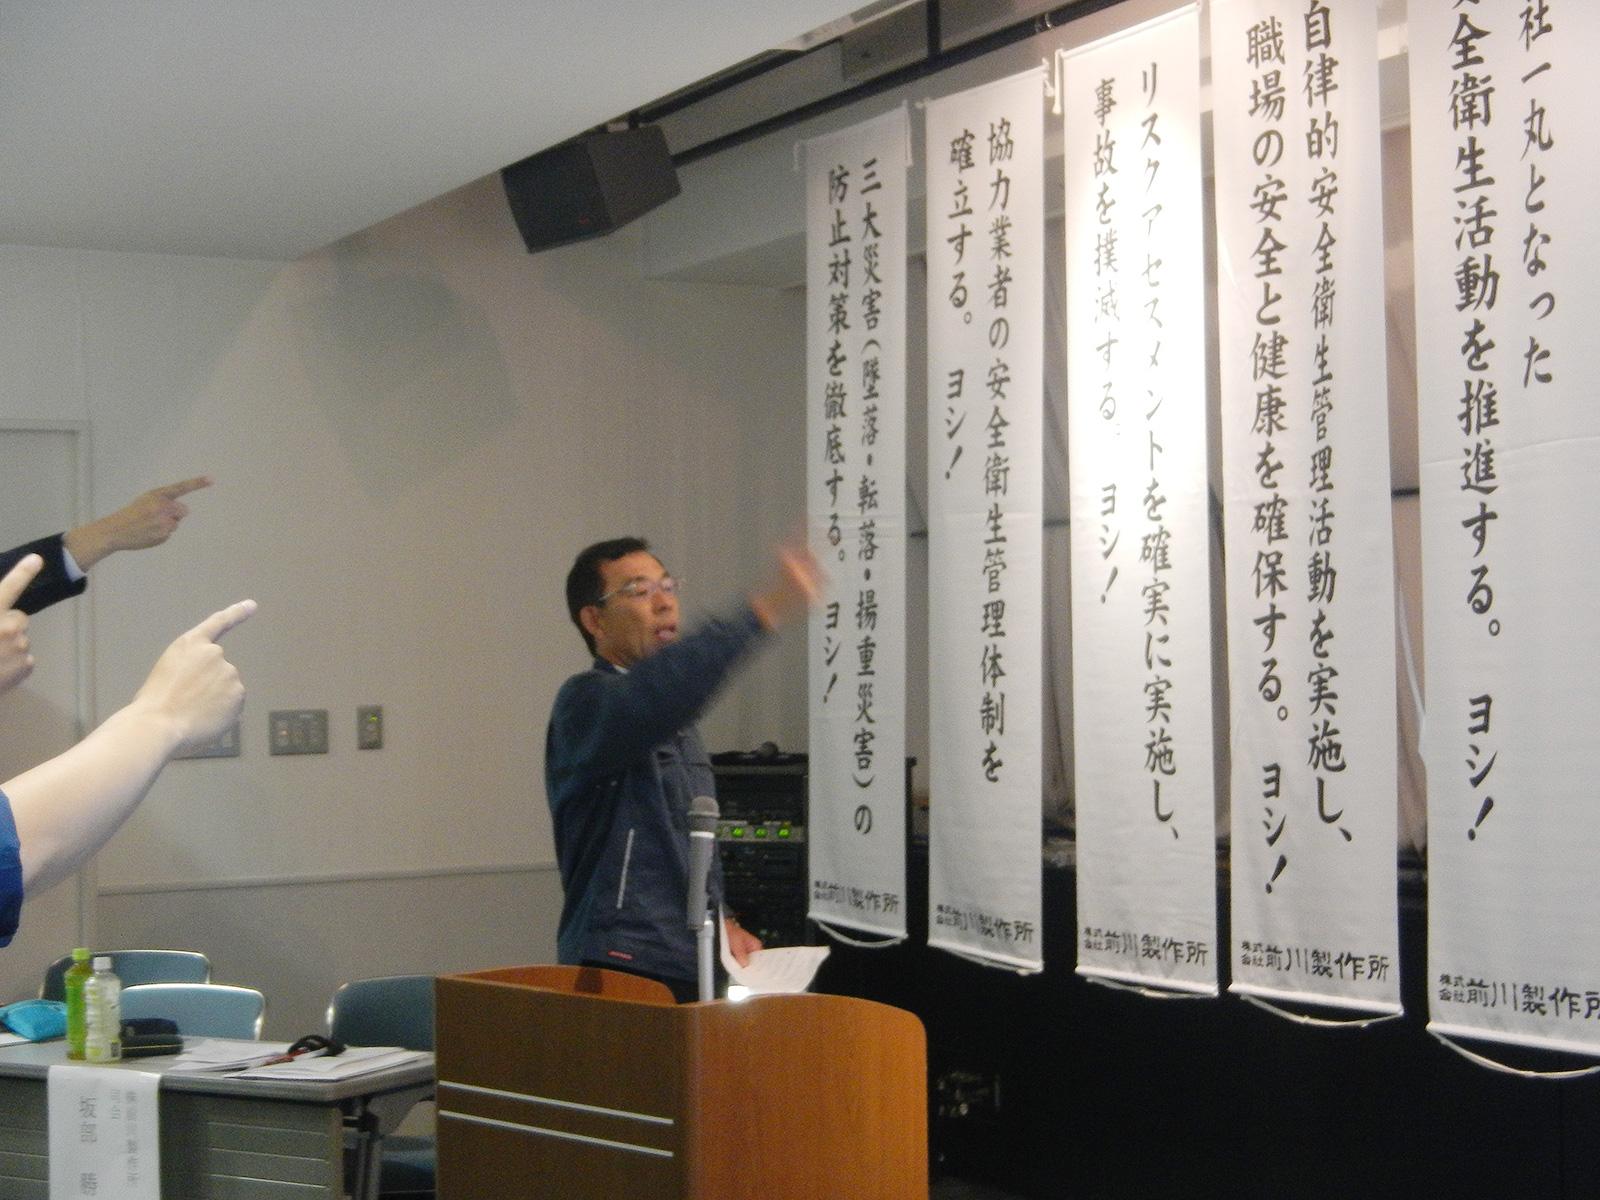 前川製作所中部支店安全衛生大会において<br>安全功労者表彰を受賞